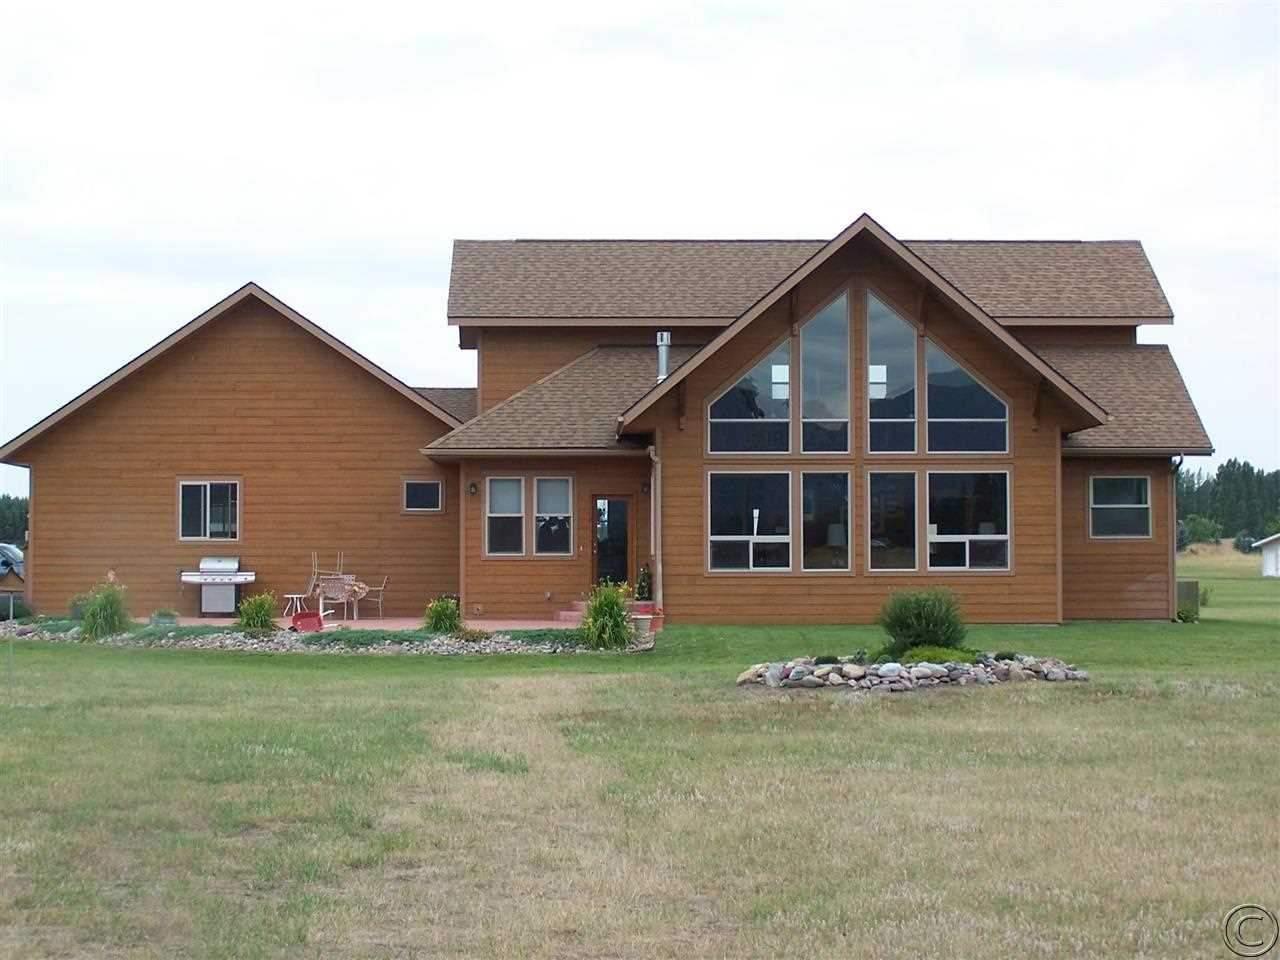 134 Badrock Dr, Columbia Falls, MT 59912